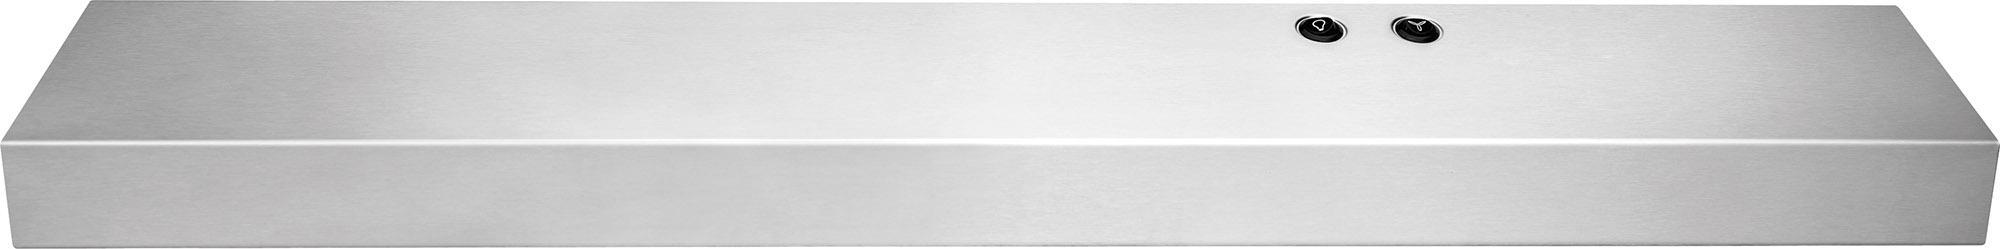 """Frigidaire Ventilation 36"""" Under-the-Cabinet Range Hood - Item Number: FHWC3625MS"""